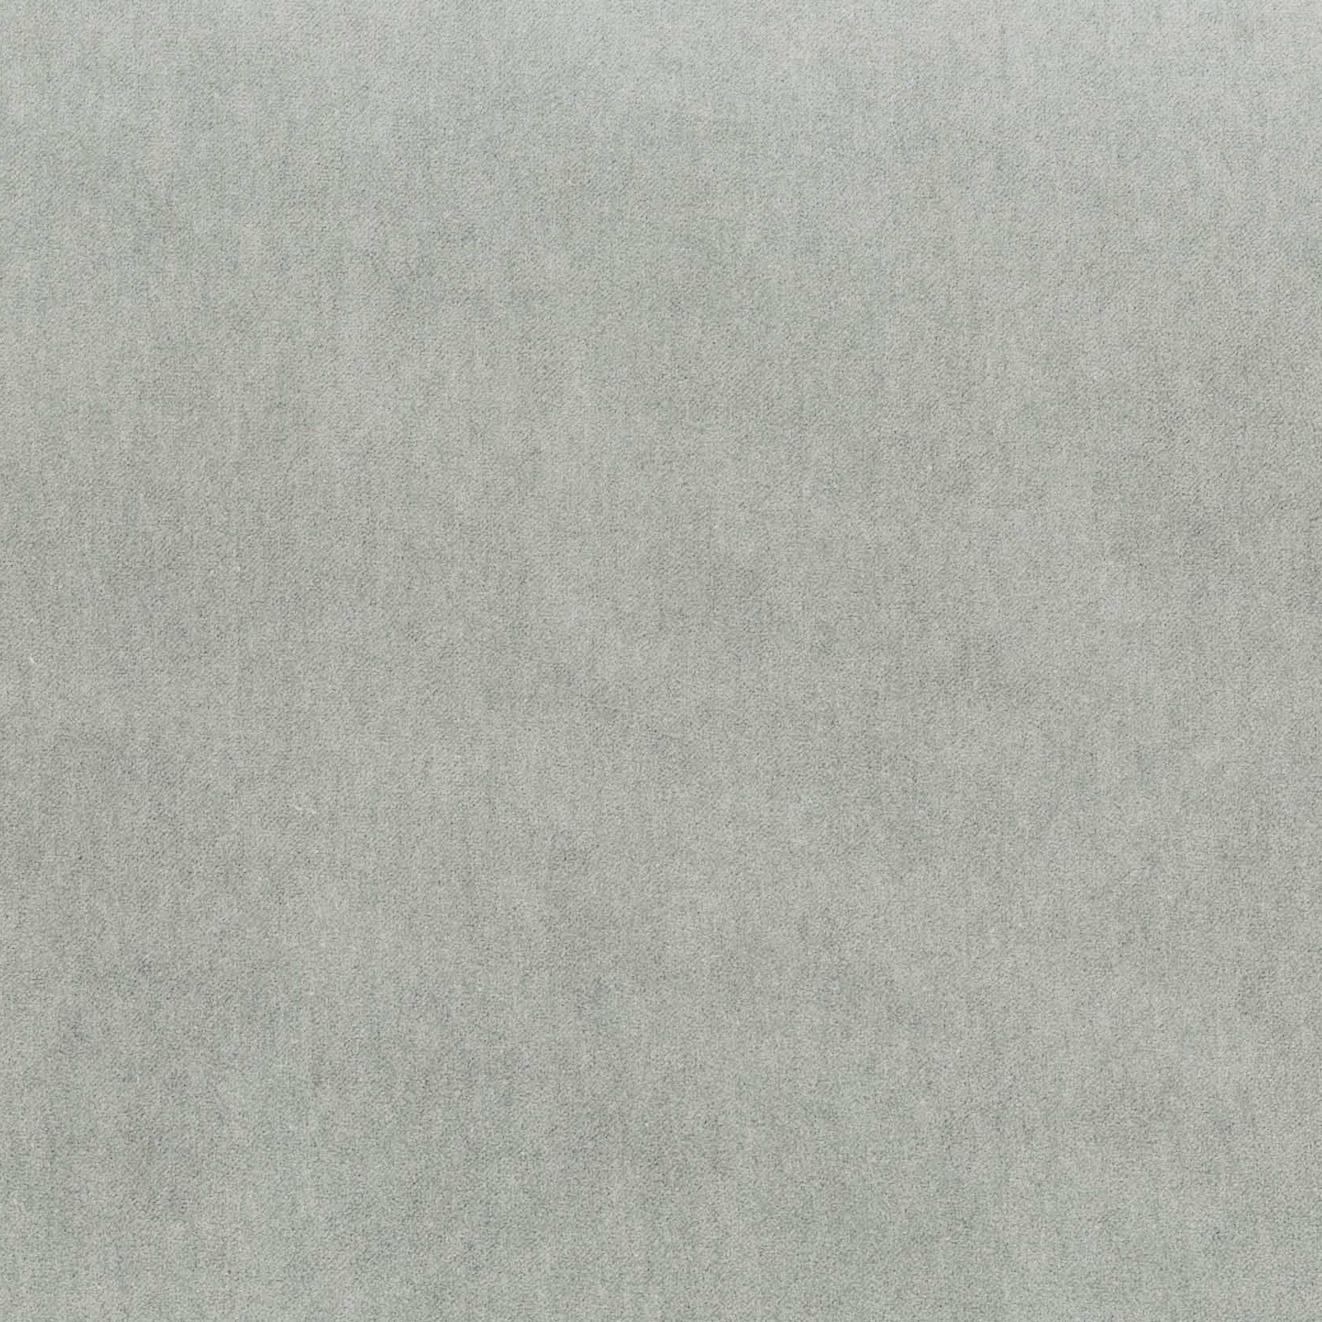 4 Malibu velvet grey